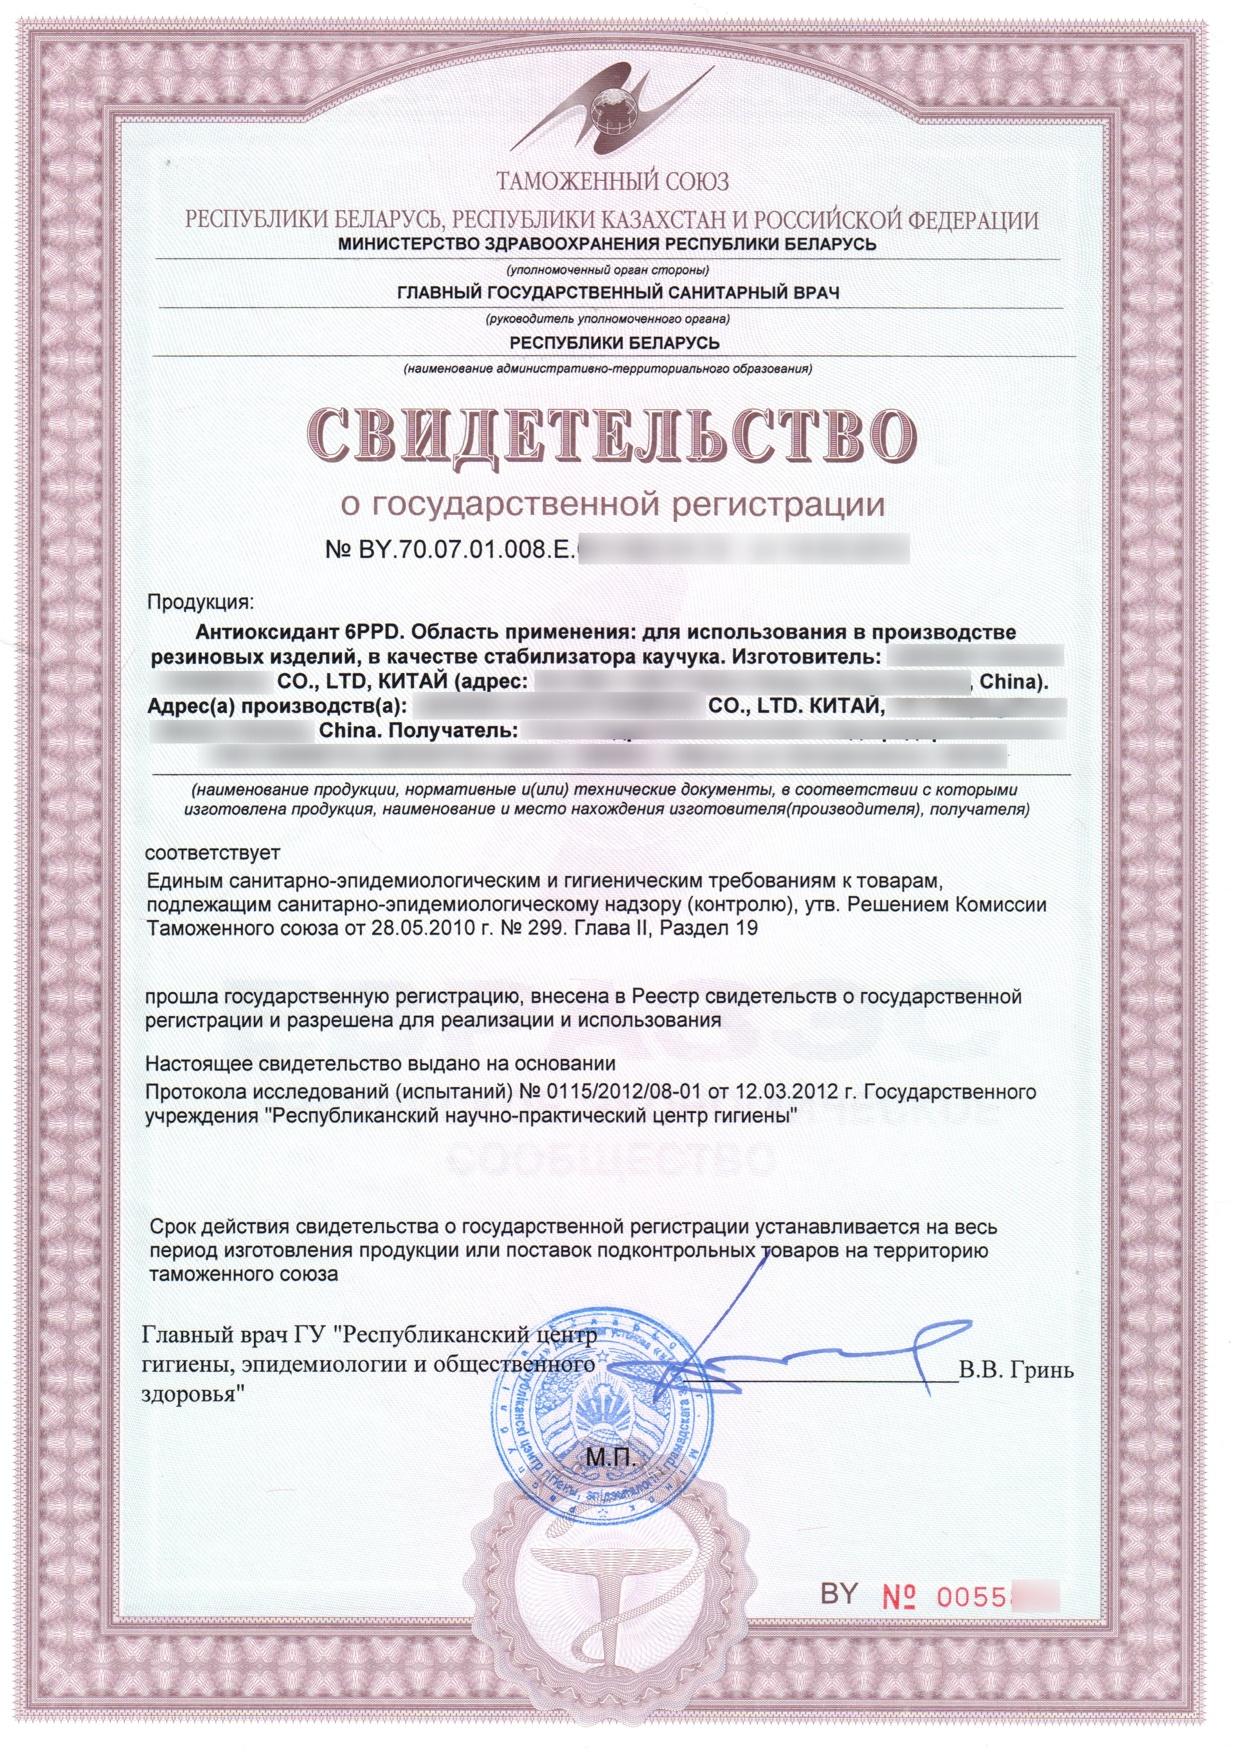 卫生证certificate of state hygienic registration for supply of goods into Customs Union of Belarus, Russia, Kazakhstan